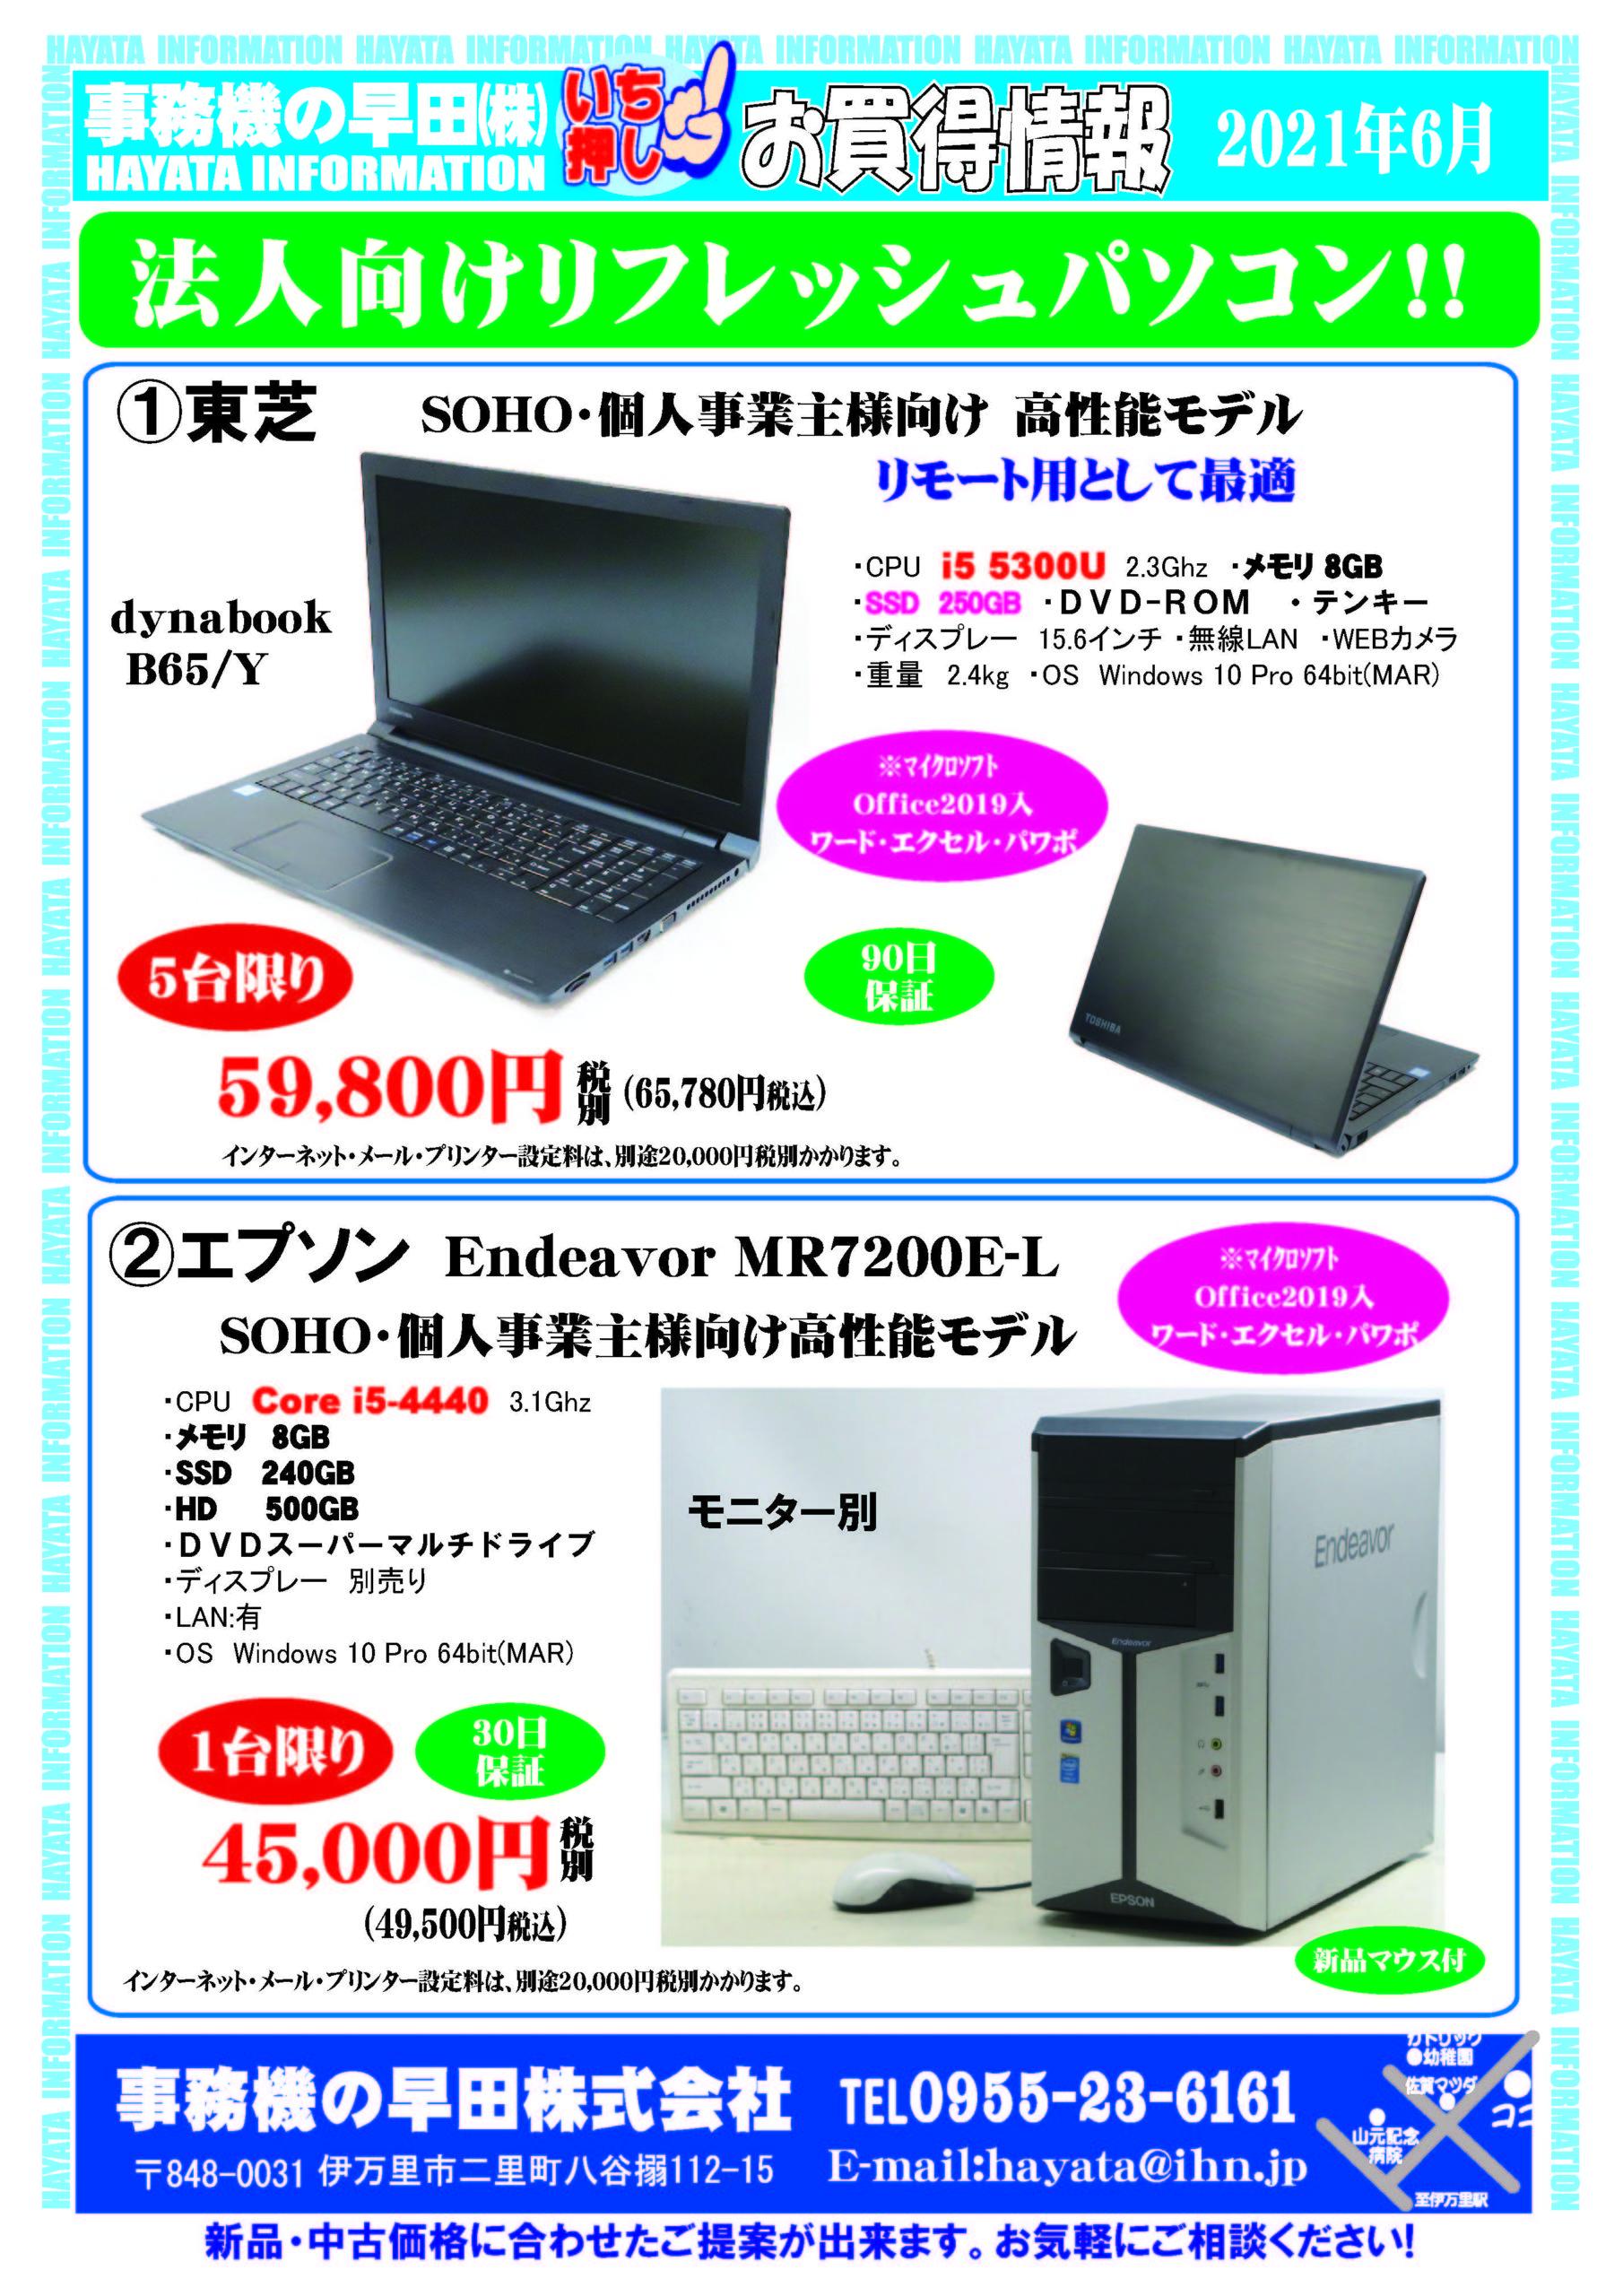 中古パソコンチラシ2026.6.26